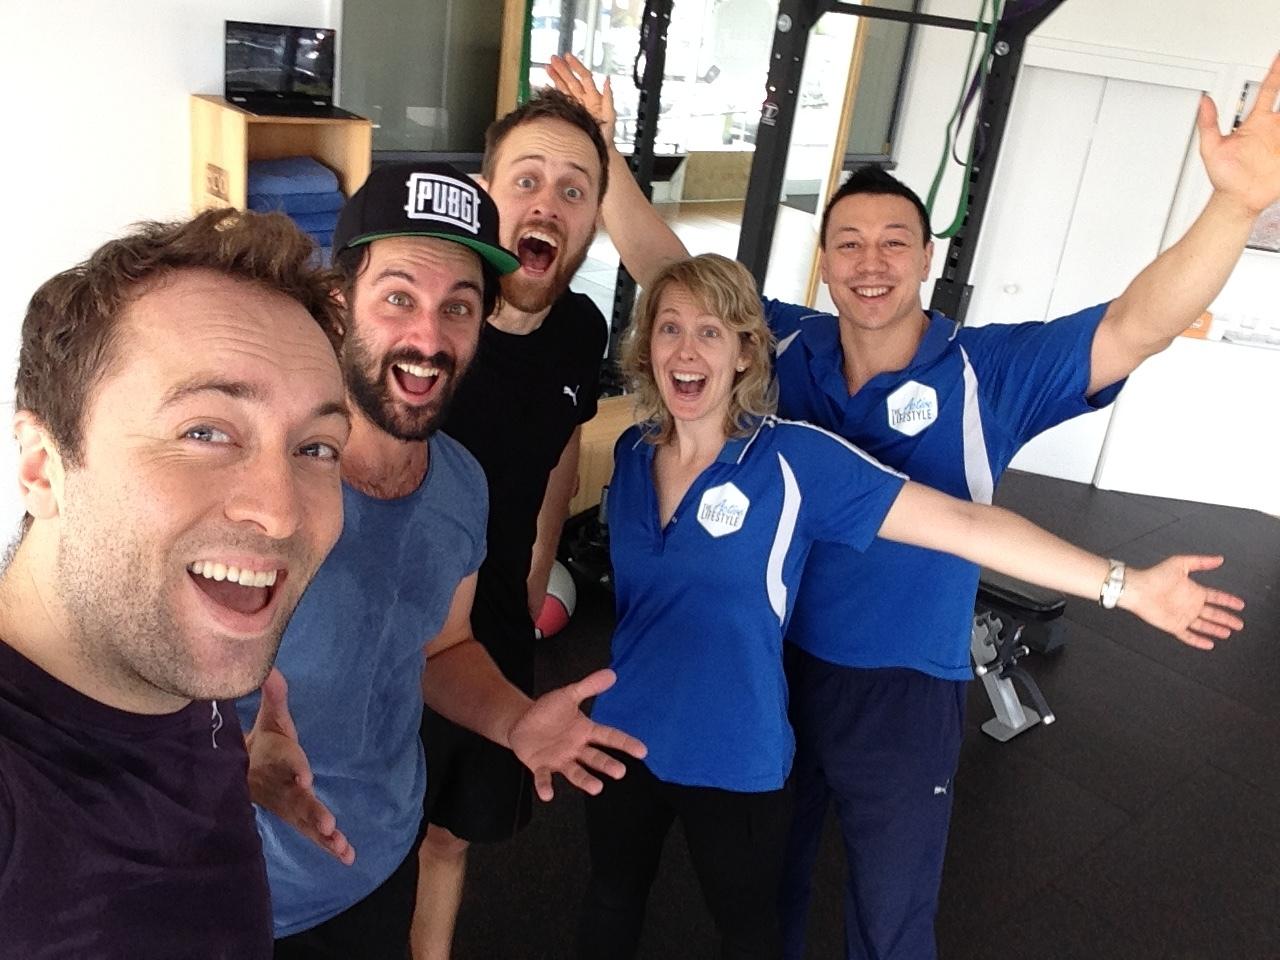 tal team and VLDL selfie.JPG